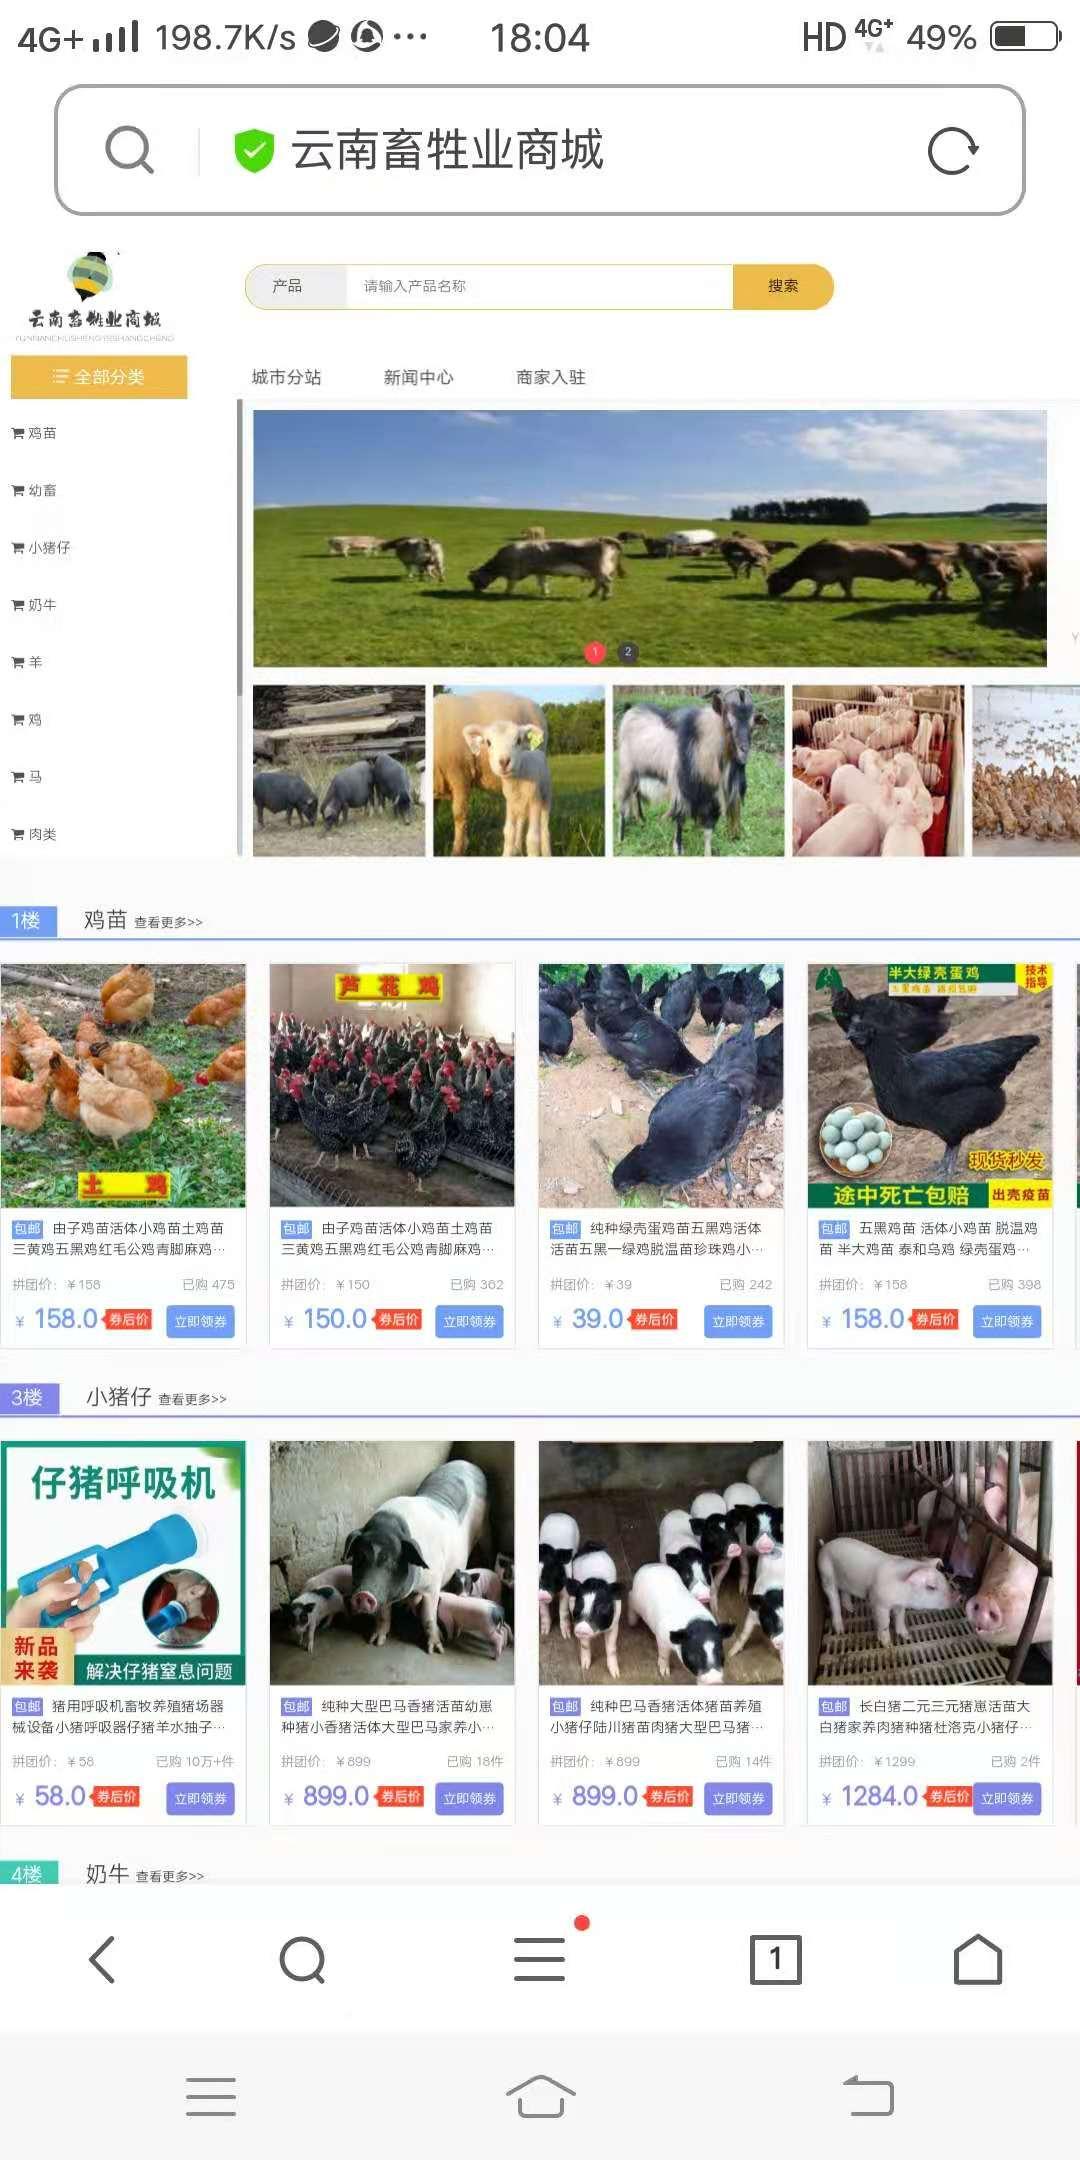 云南畜牧业商城整合行业招商运营资源的专业平台